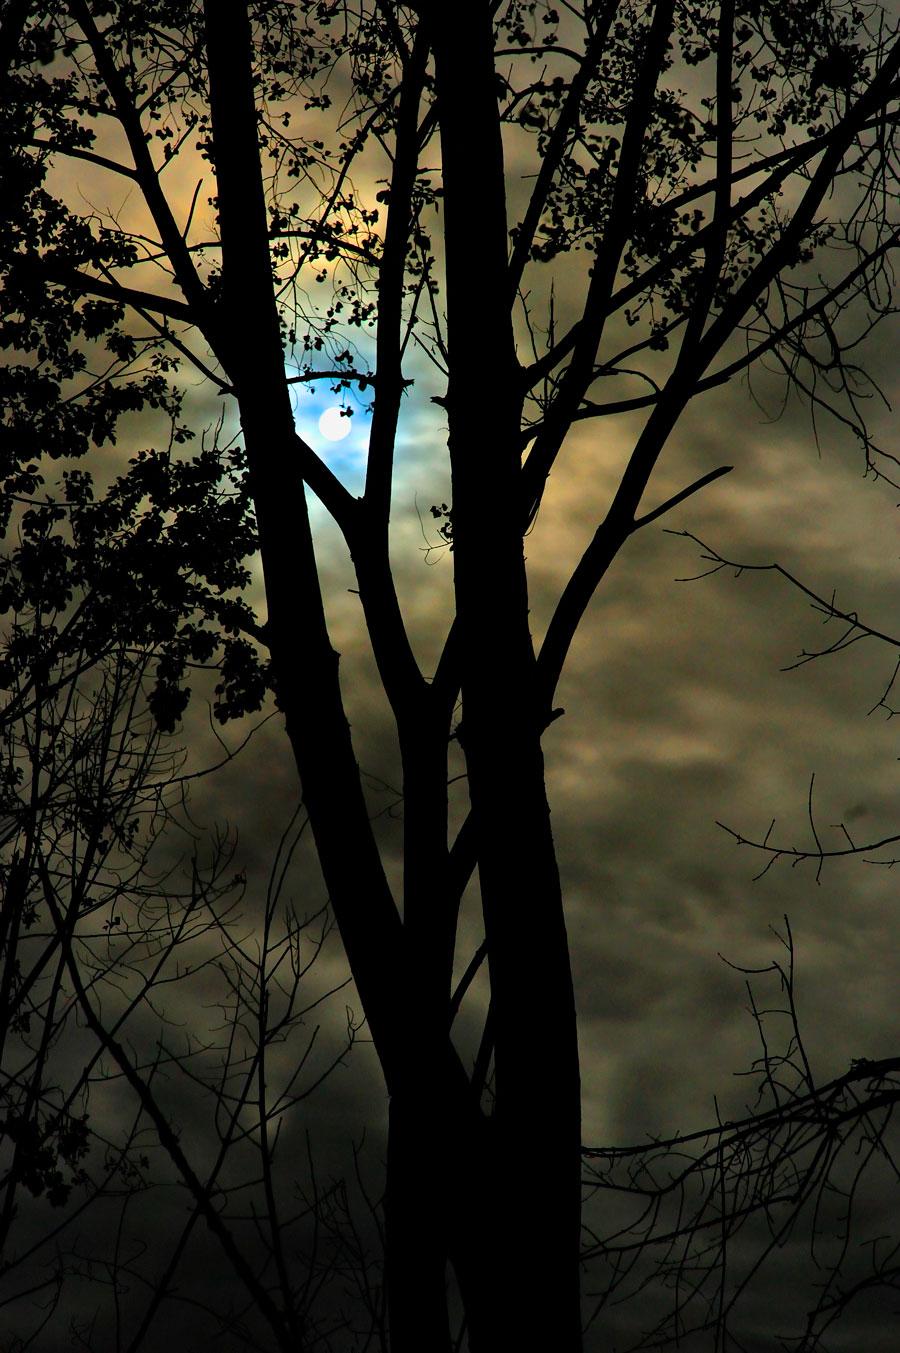 dark desires after dusk pdf free download